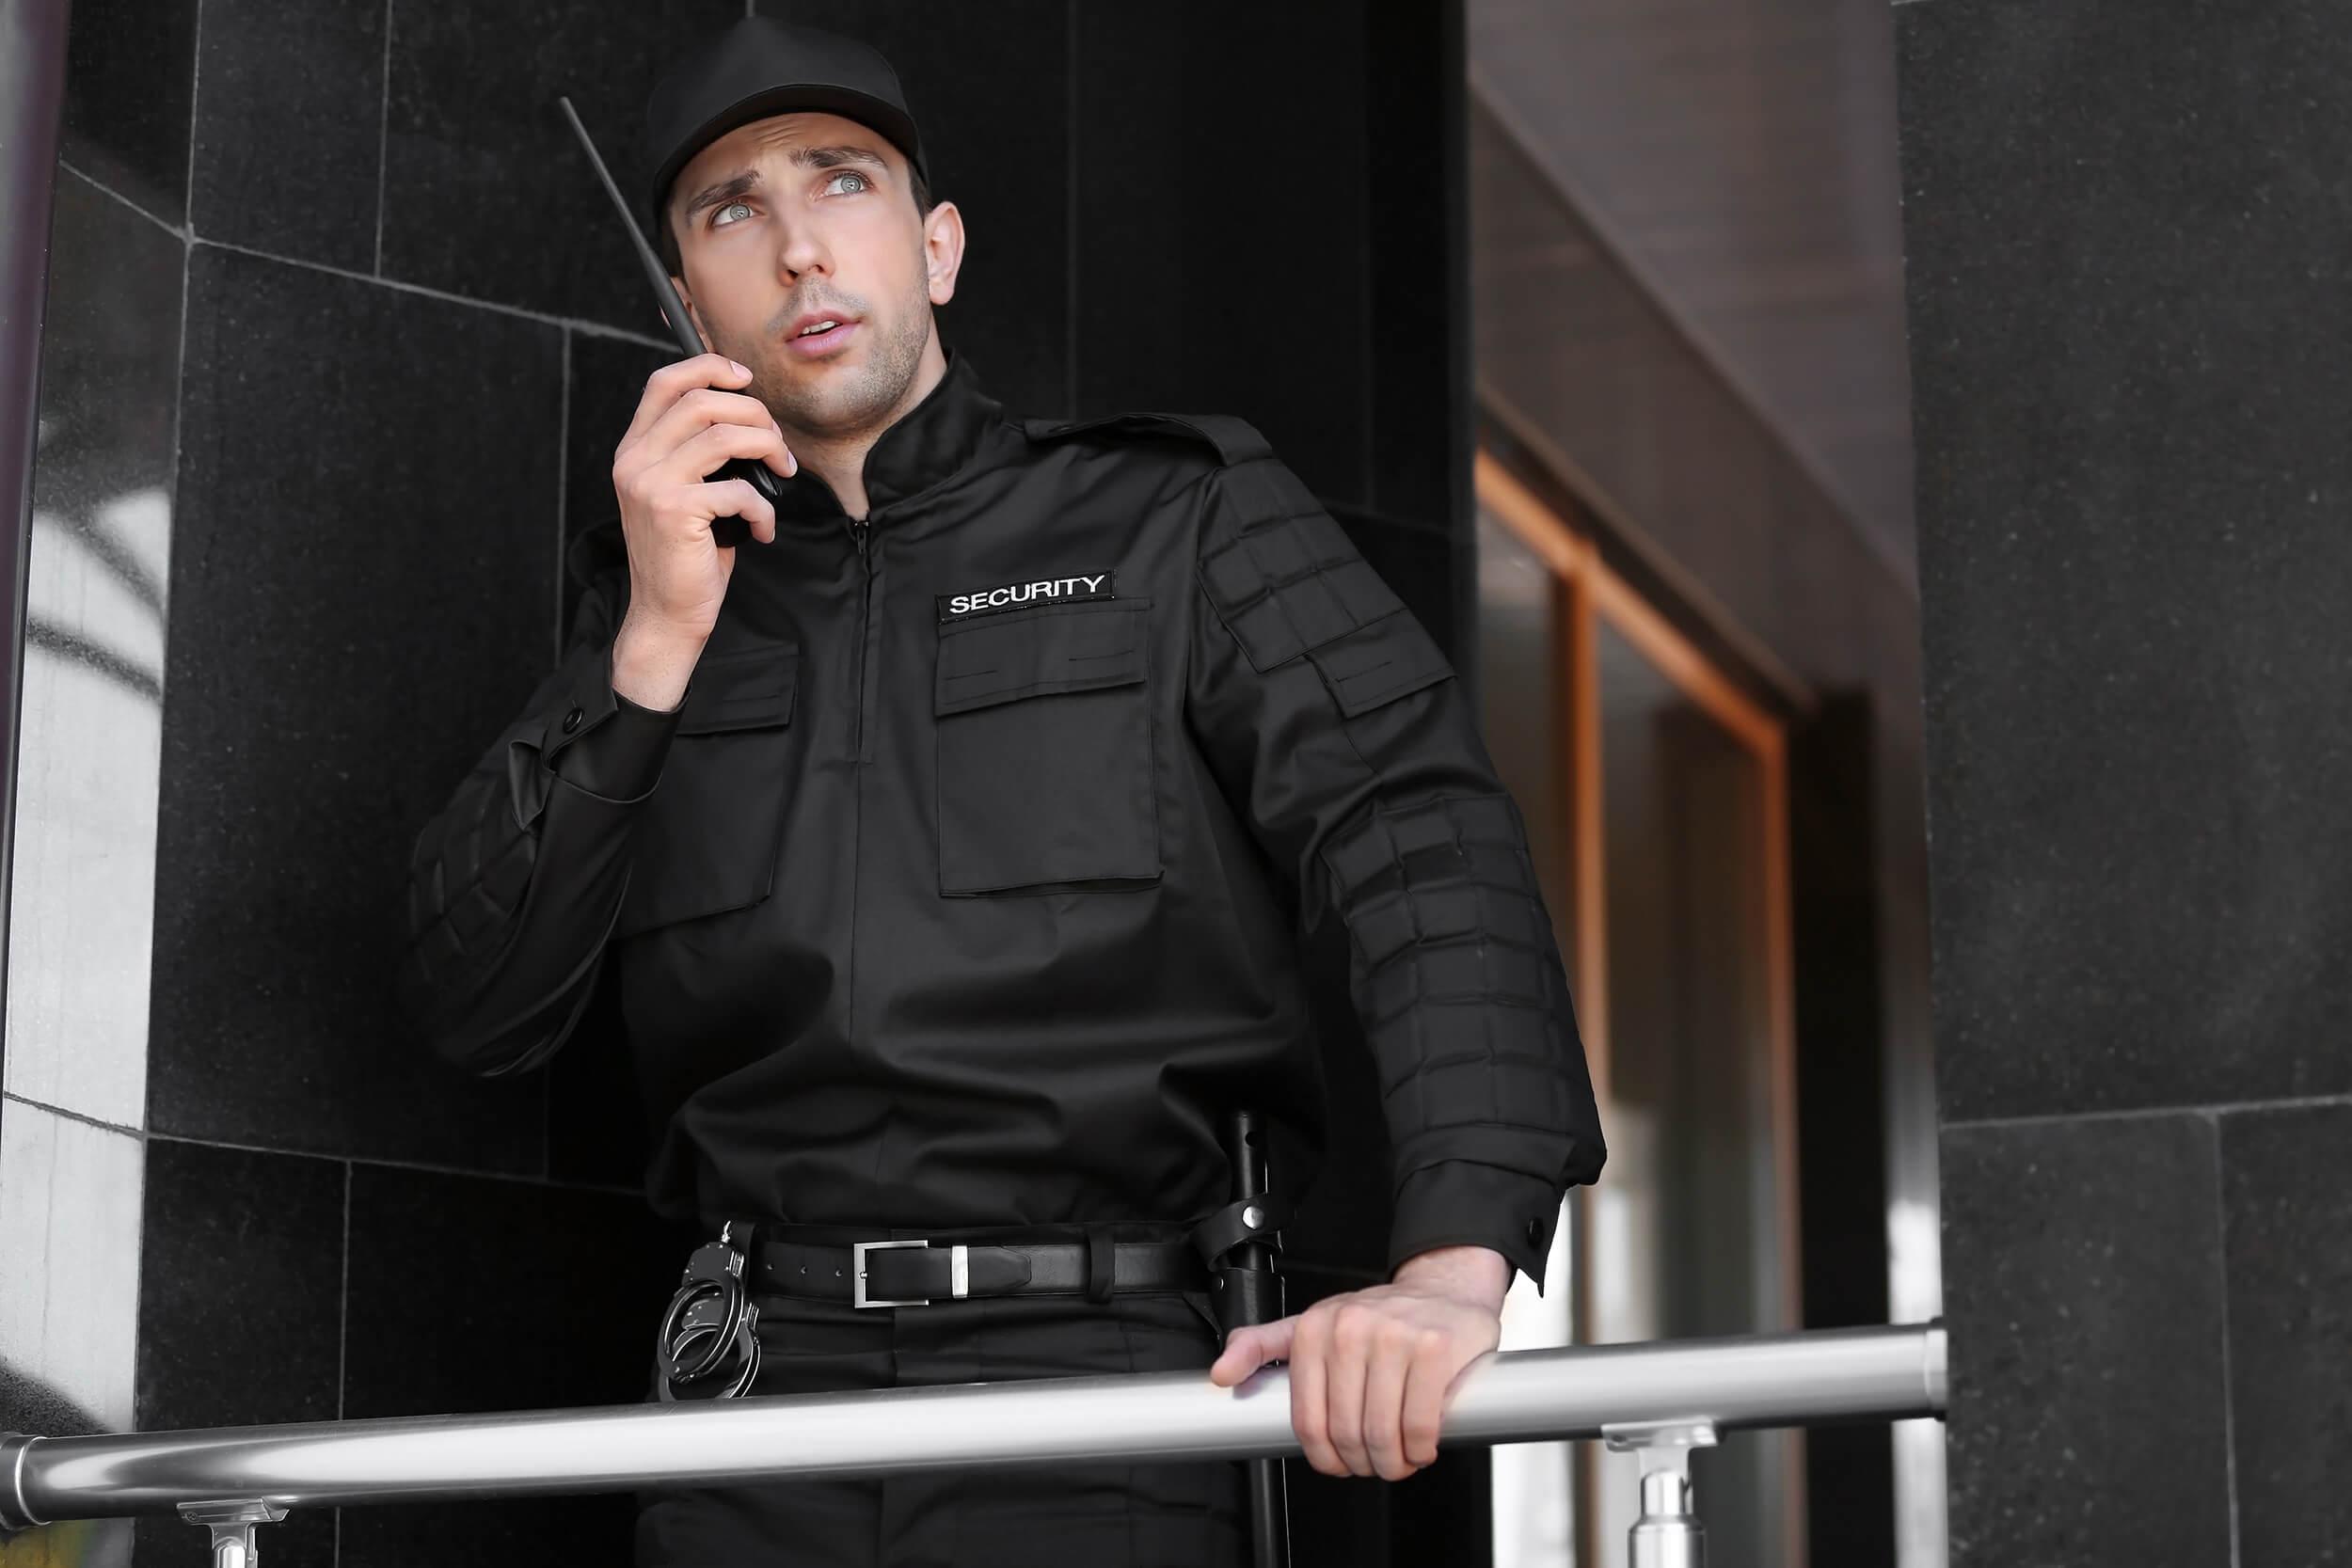 Formation continue des agents de sécurité privée - Formation - Sécurité - Protection - Intervention